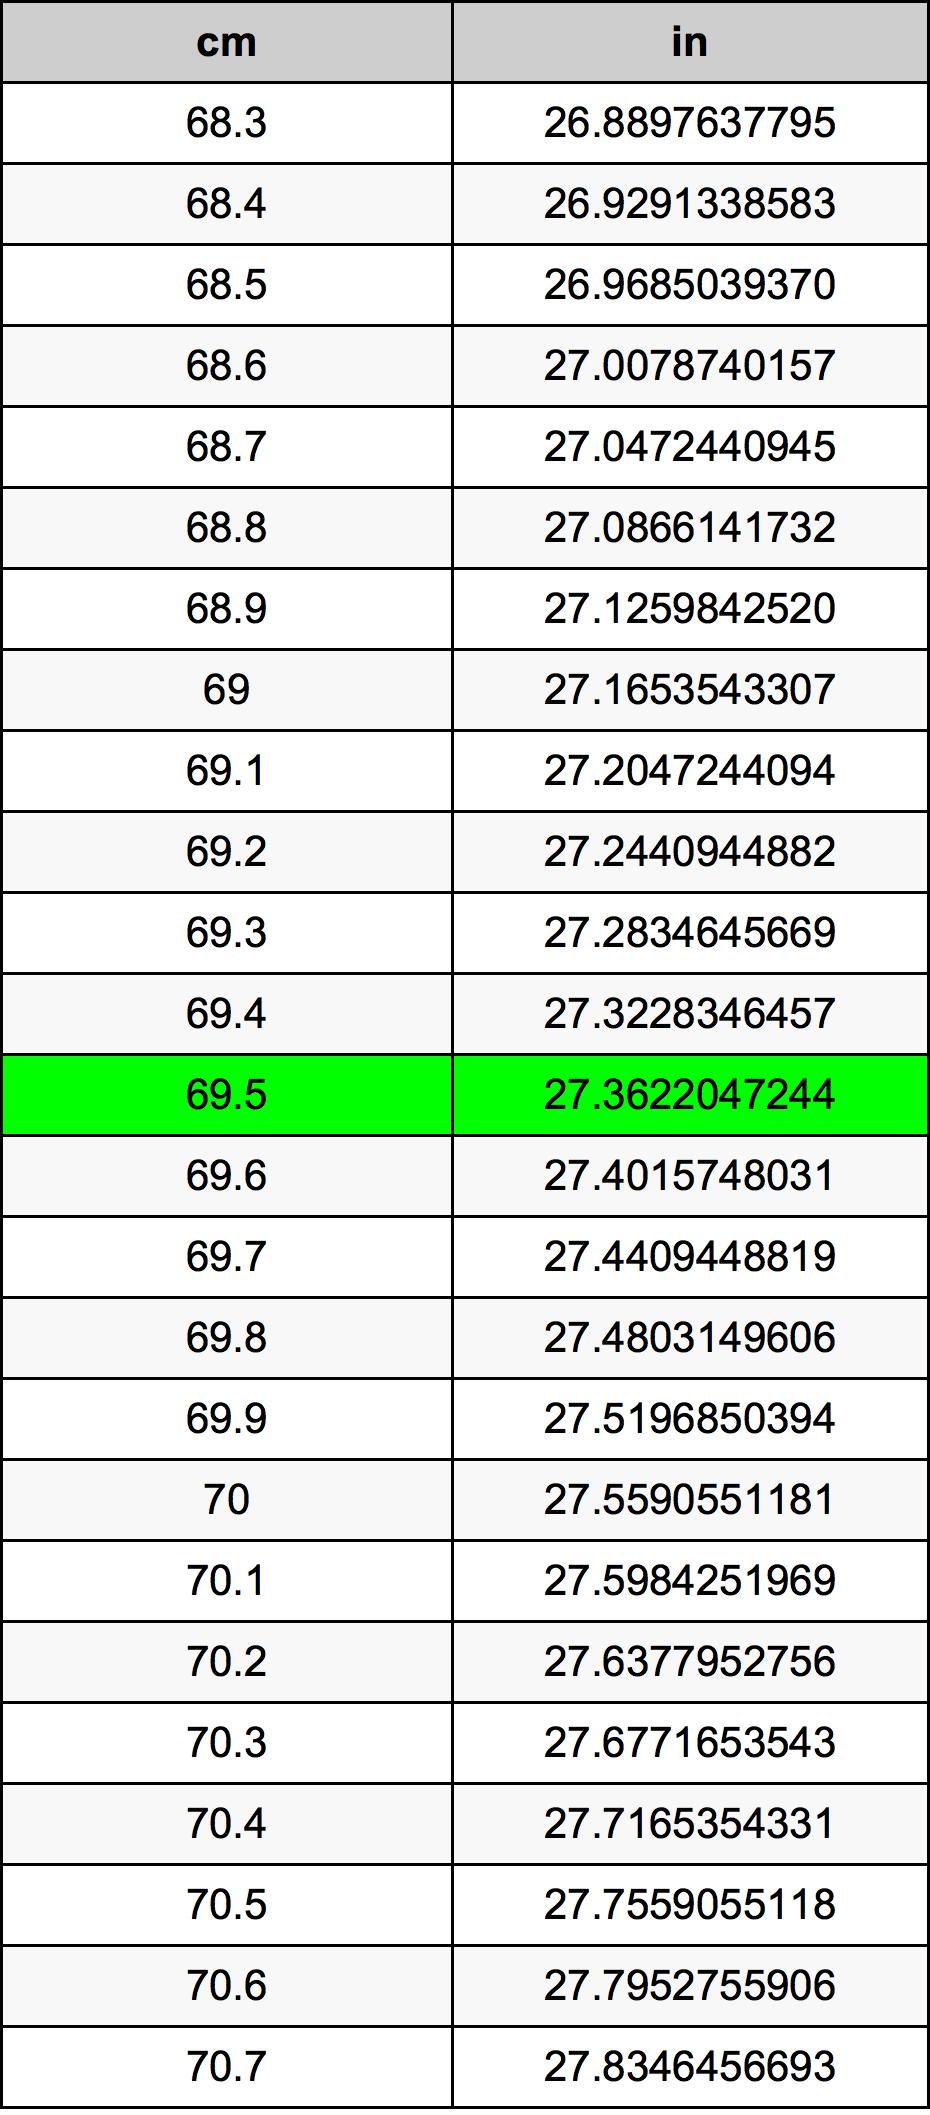 69.5 Xentimét bảng chuyển đổi